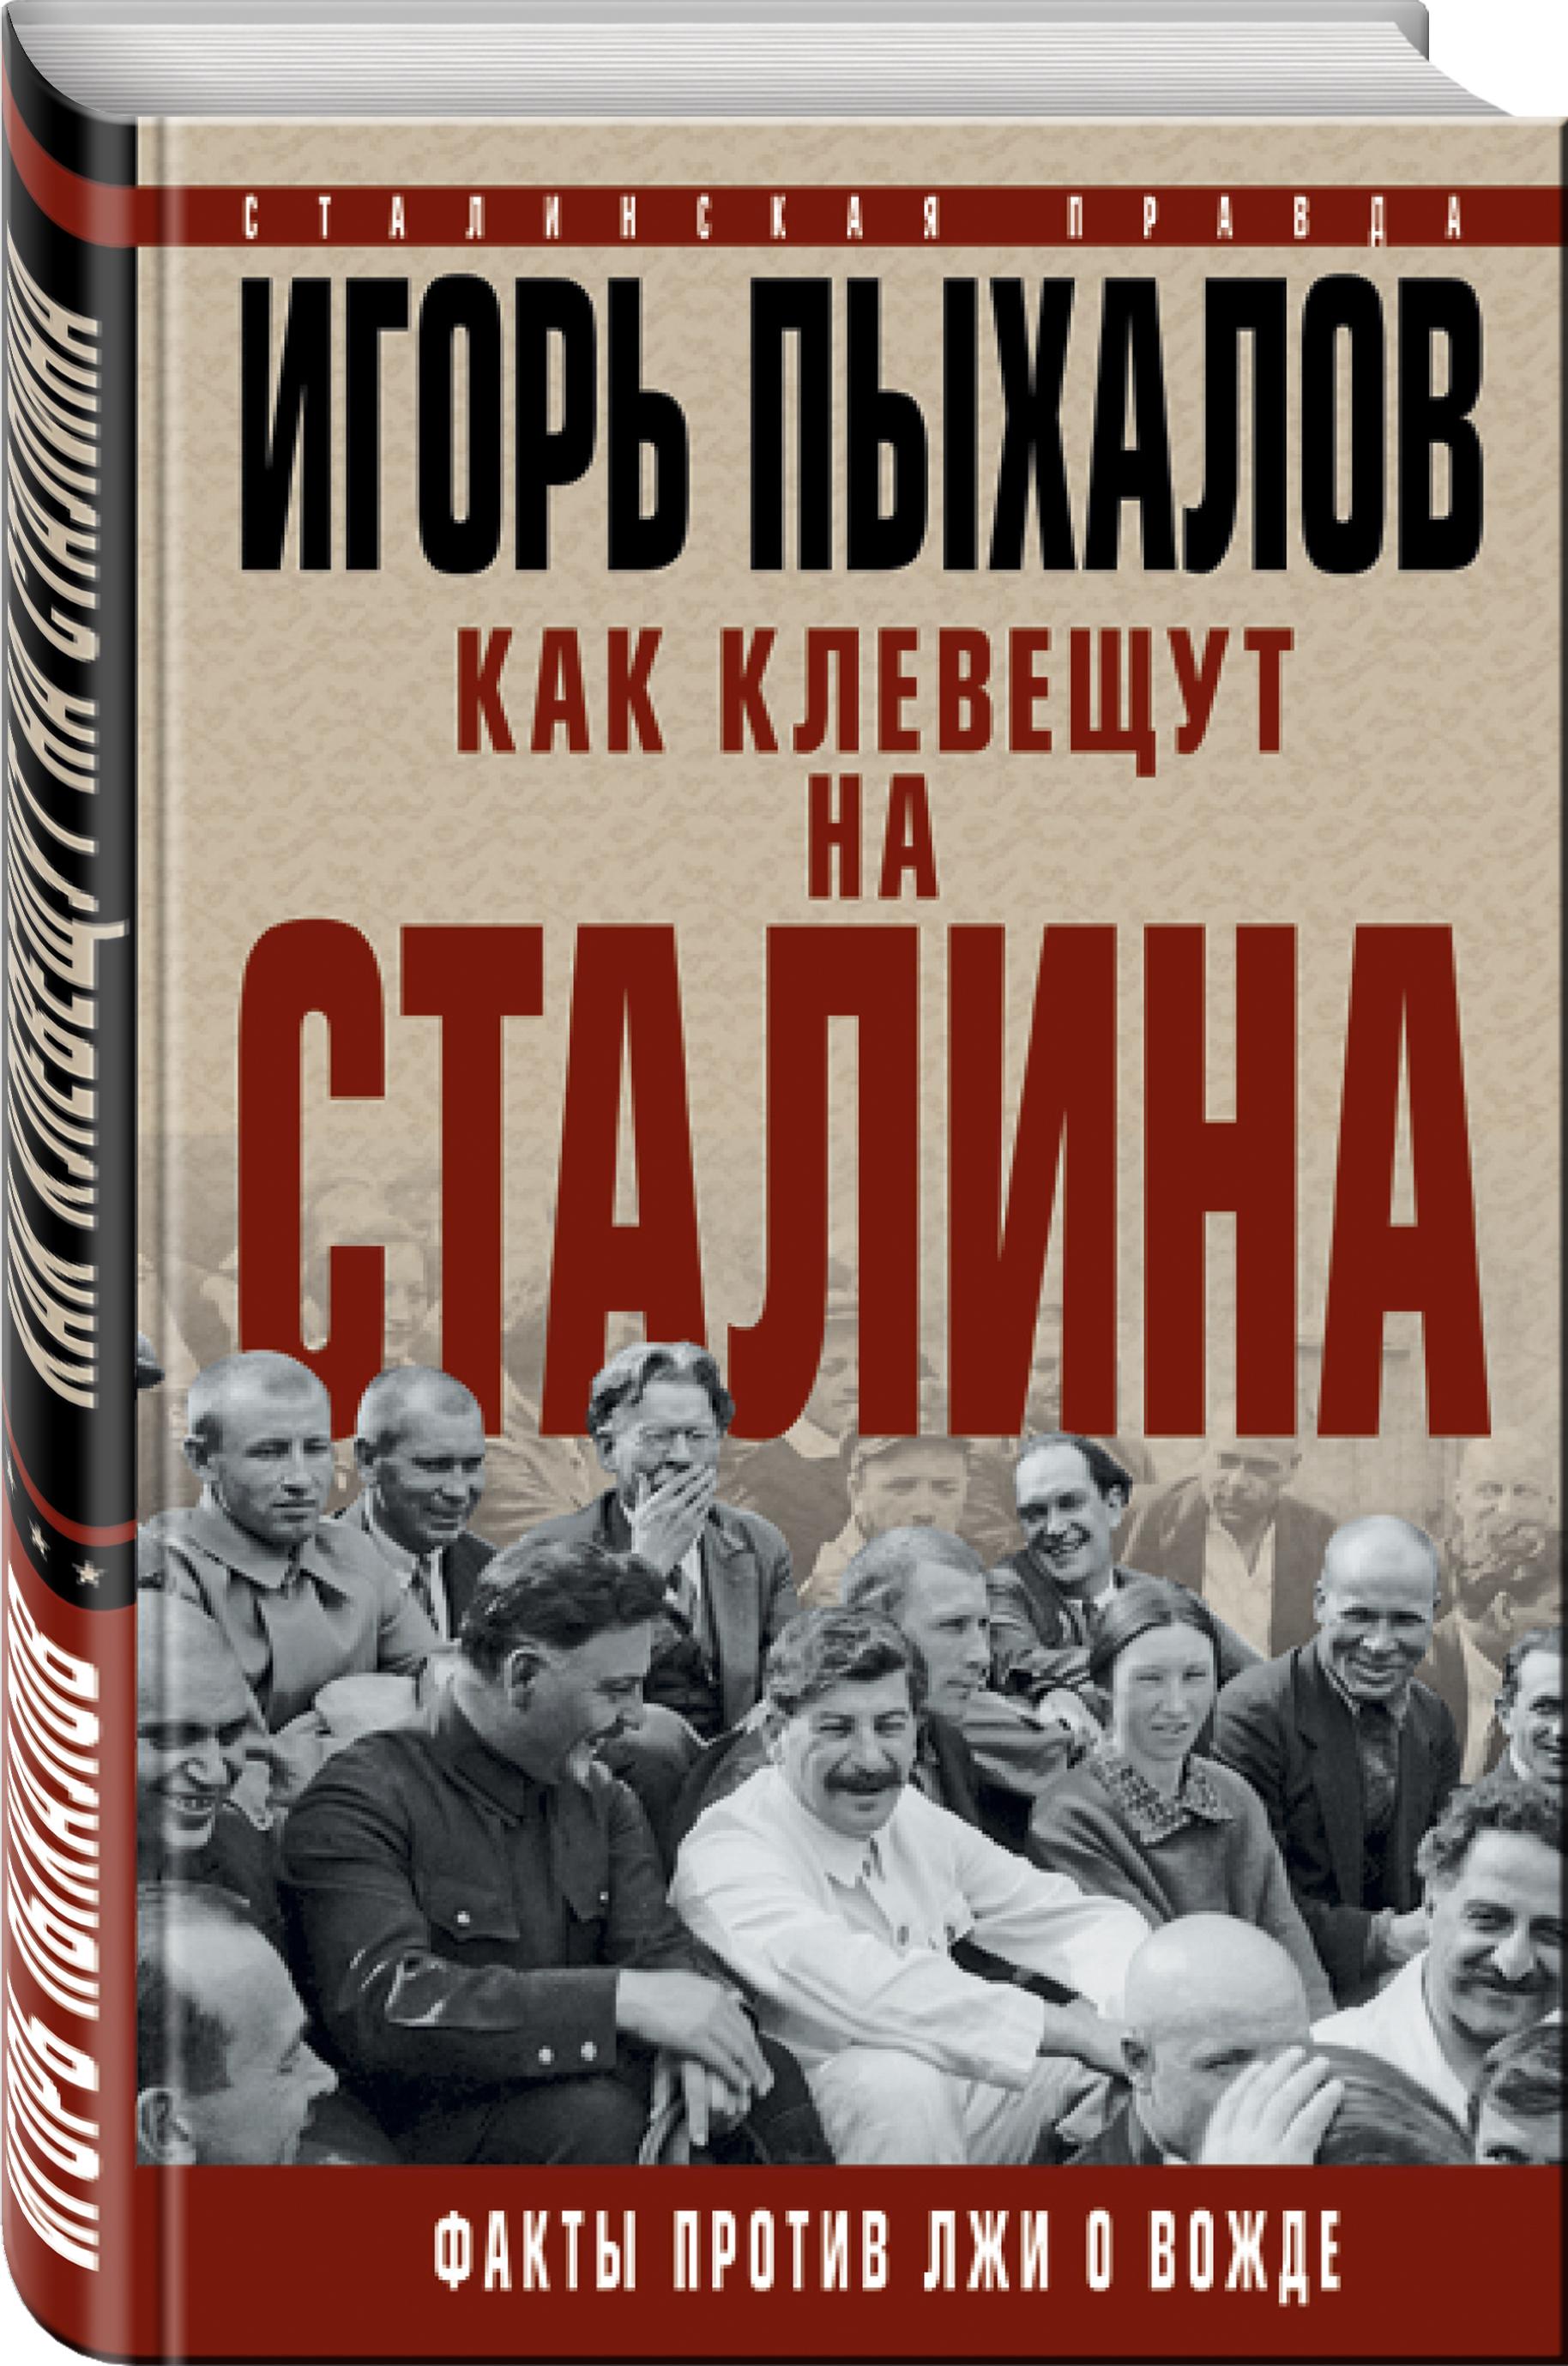 Как клевещут на Сталина. Факты против лжи о Вожде ( Игорь Пыхалов  )